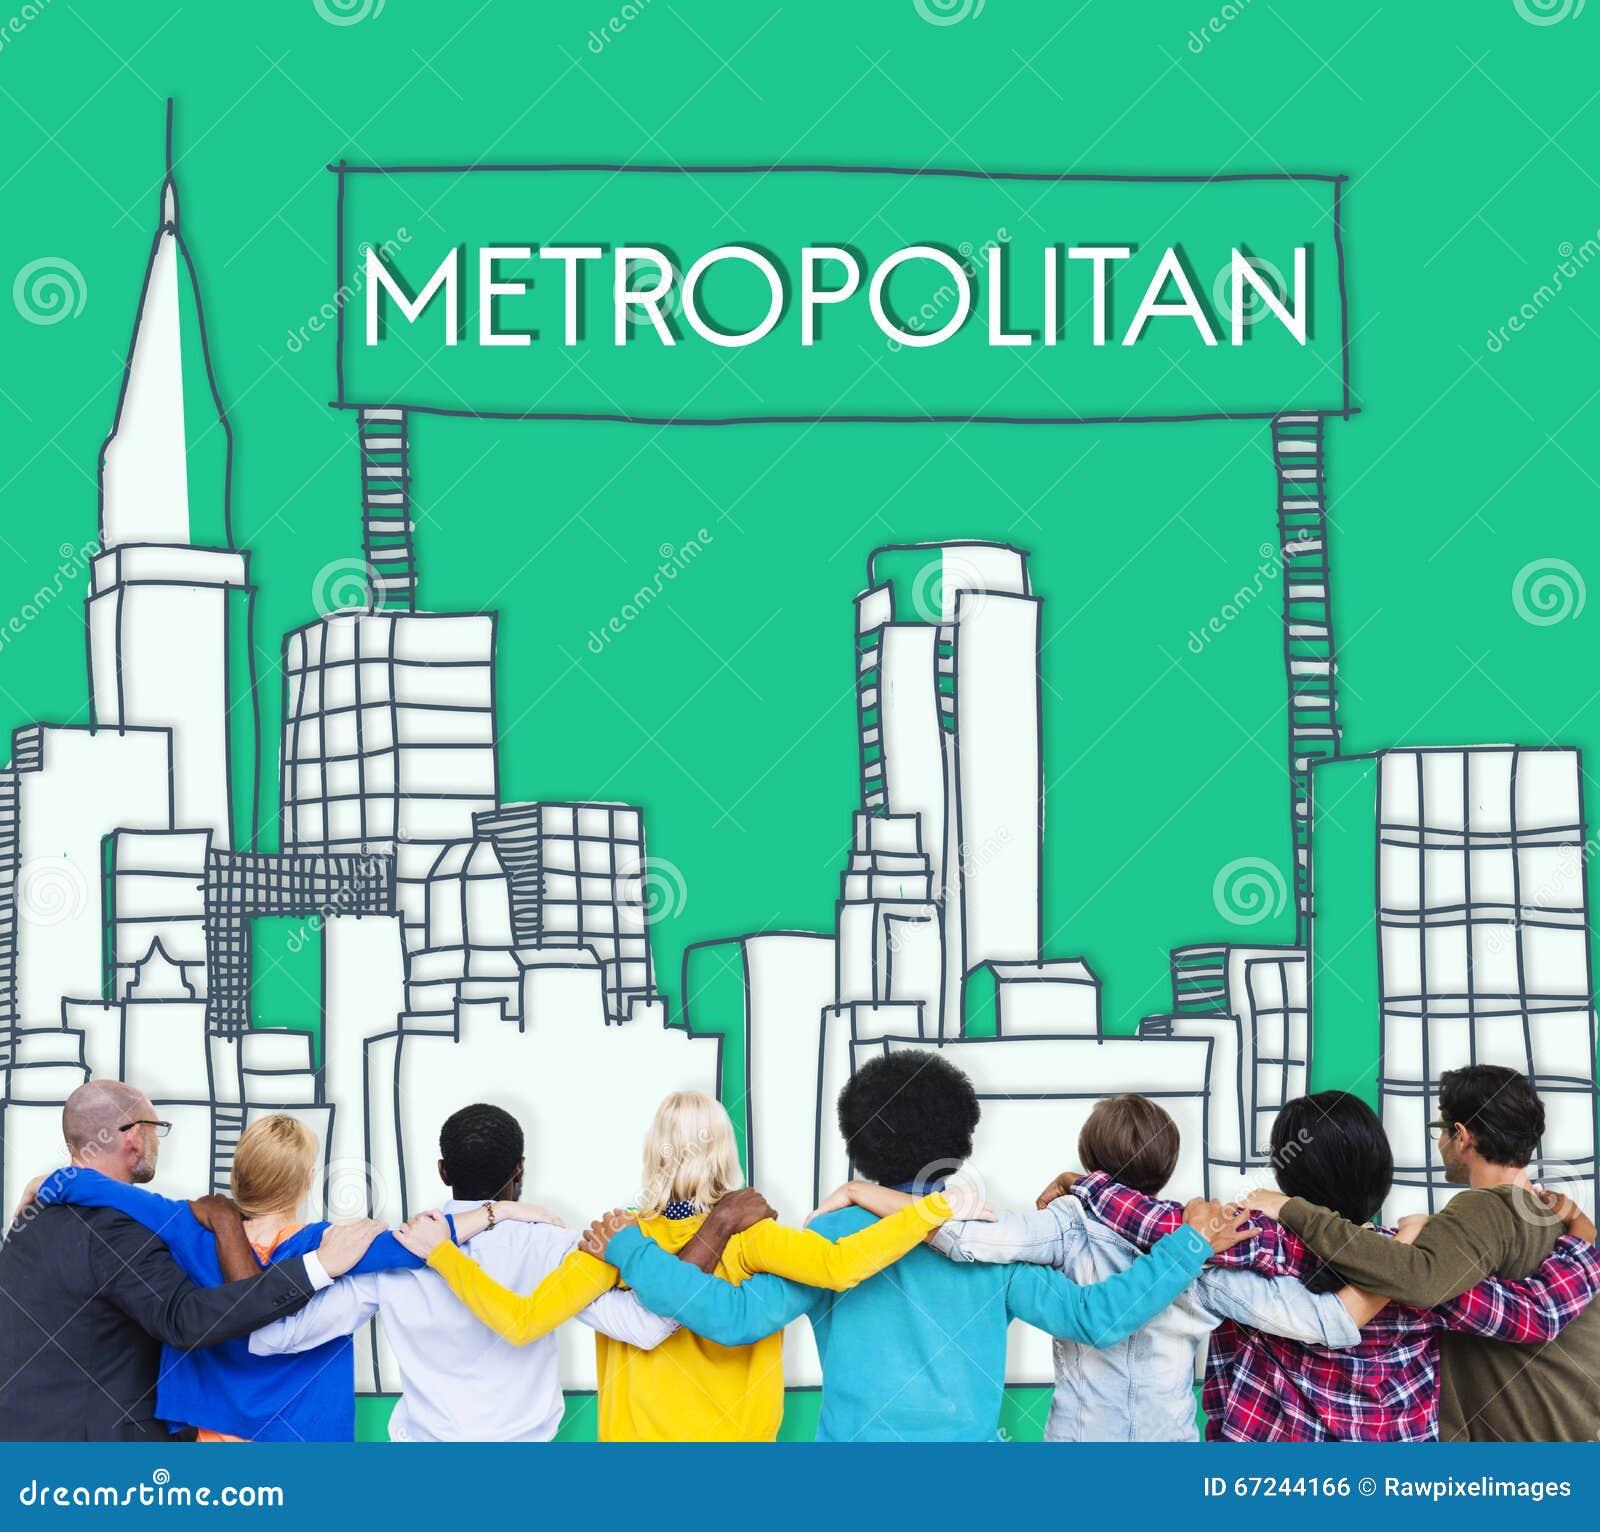 Metropolitaans Stads Stedelijk Democratie Geavanceerd Concept